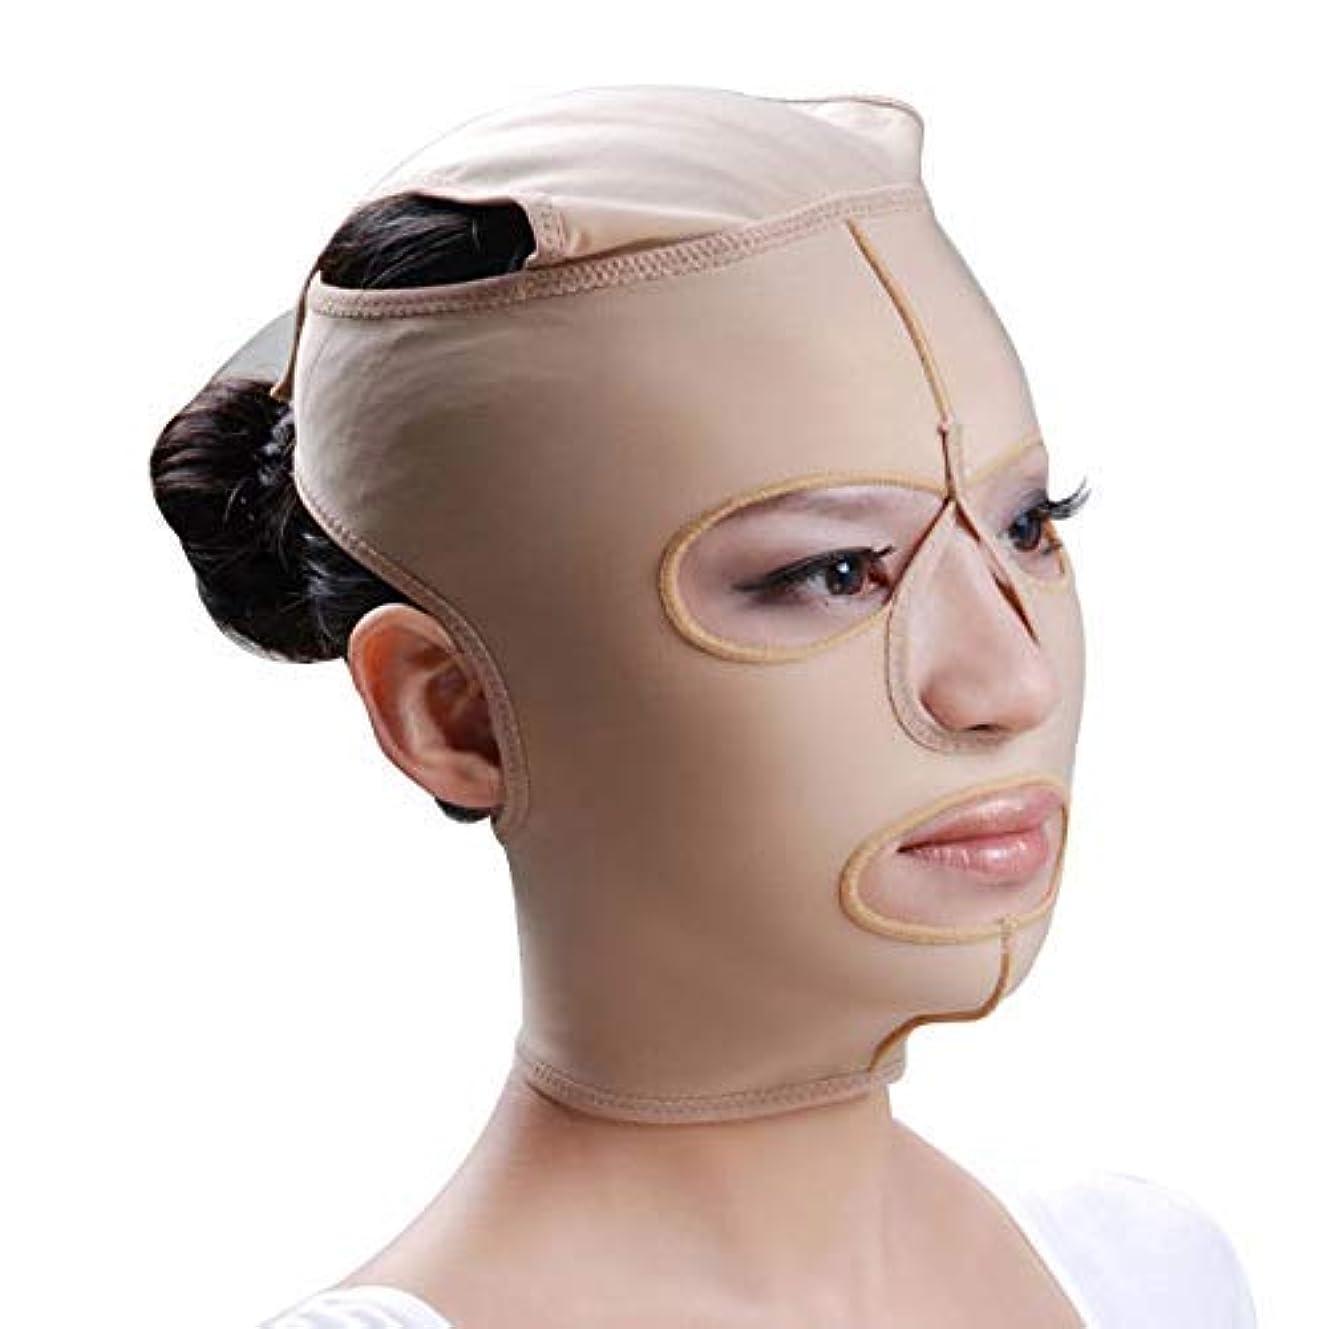 覆す無視する精神医学ファーミングフェイスマスク、フェイシャルマスクエラスティックフェイスリフティングリフティングファーミングパターンマイクロフィニッシングポストモデリングコンプレッションフェイスマスク(サイズ:S),L